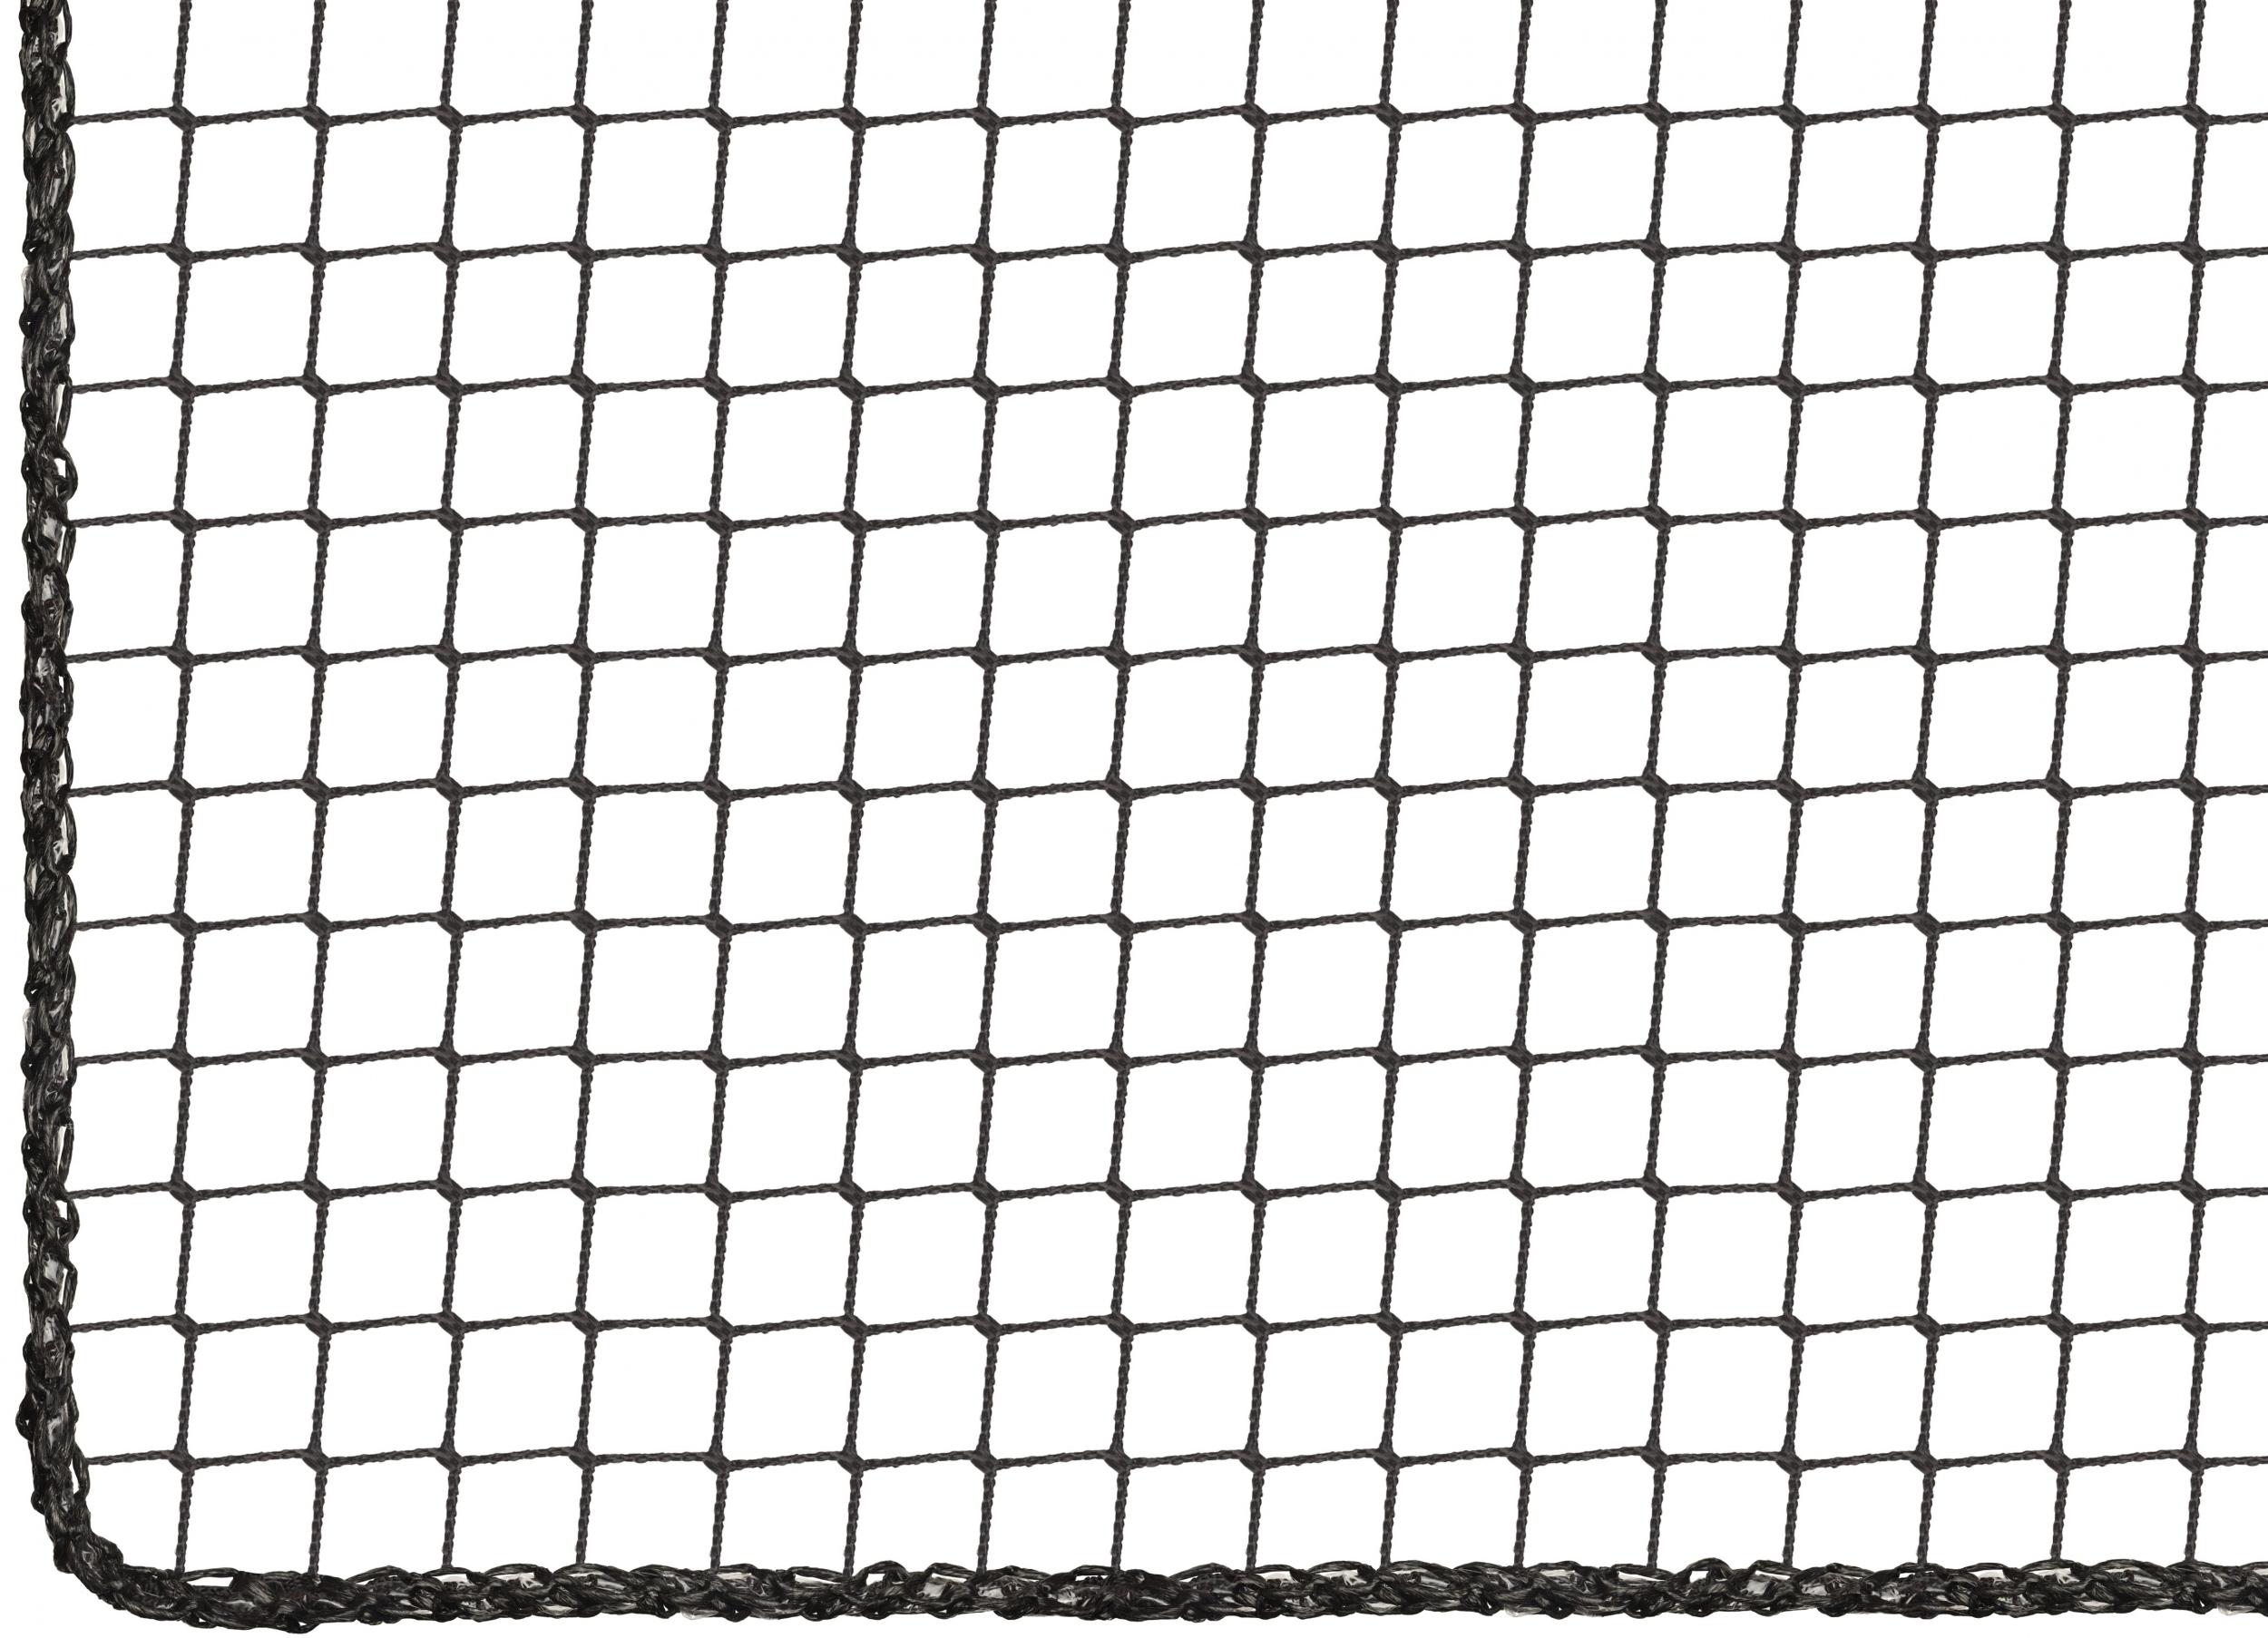 Vogelnetze Vogelschutznetz Laubnetz Netze Laubschutz Pflanzenschutznetz 7 Größen